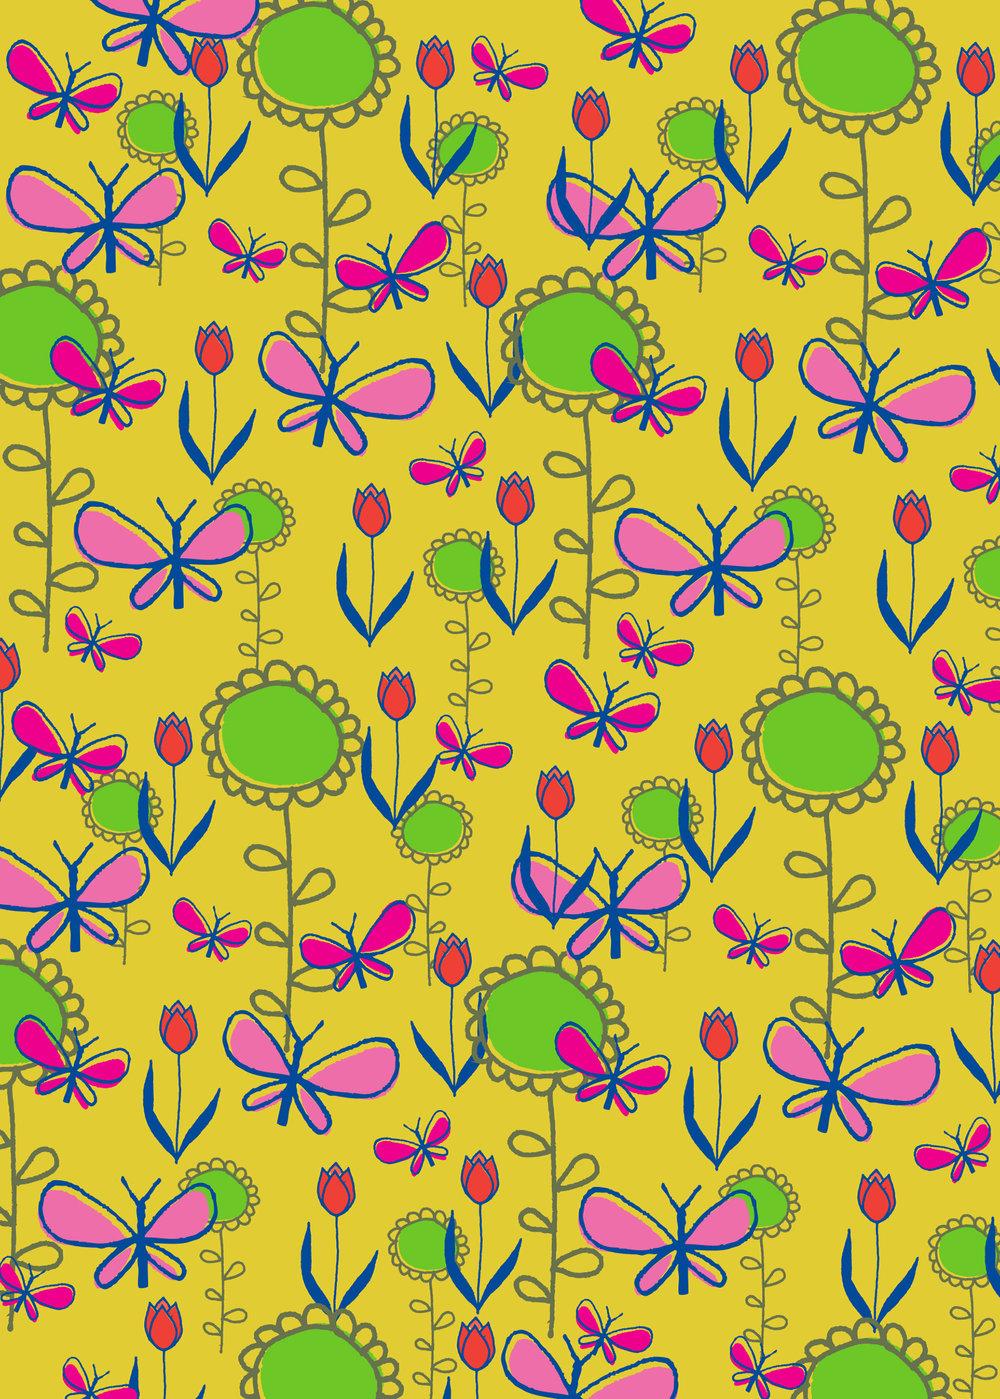 jami_darwin_flower_garden.jpg